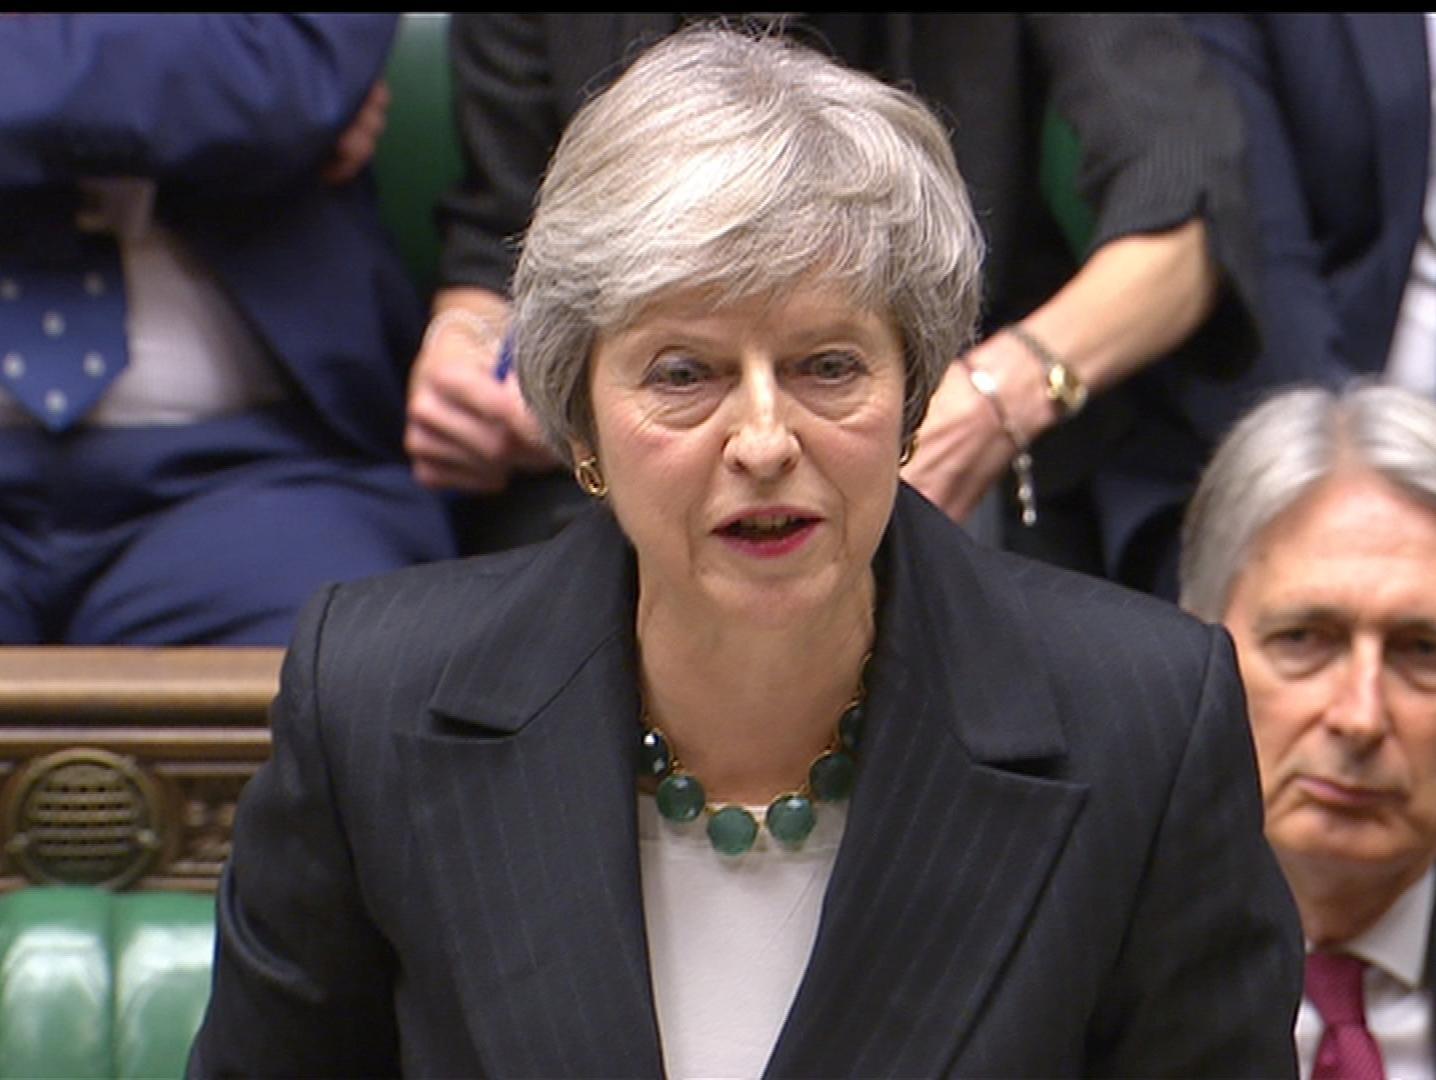 טלטלה בממשלת בריטניה: ארבעה שרים התפטרו, עתיד התכנית לא ברור